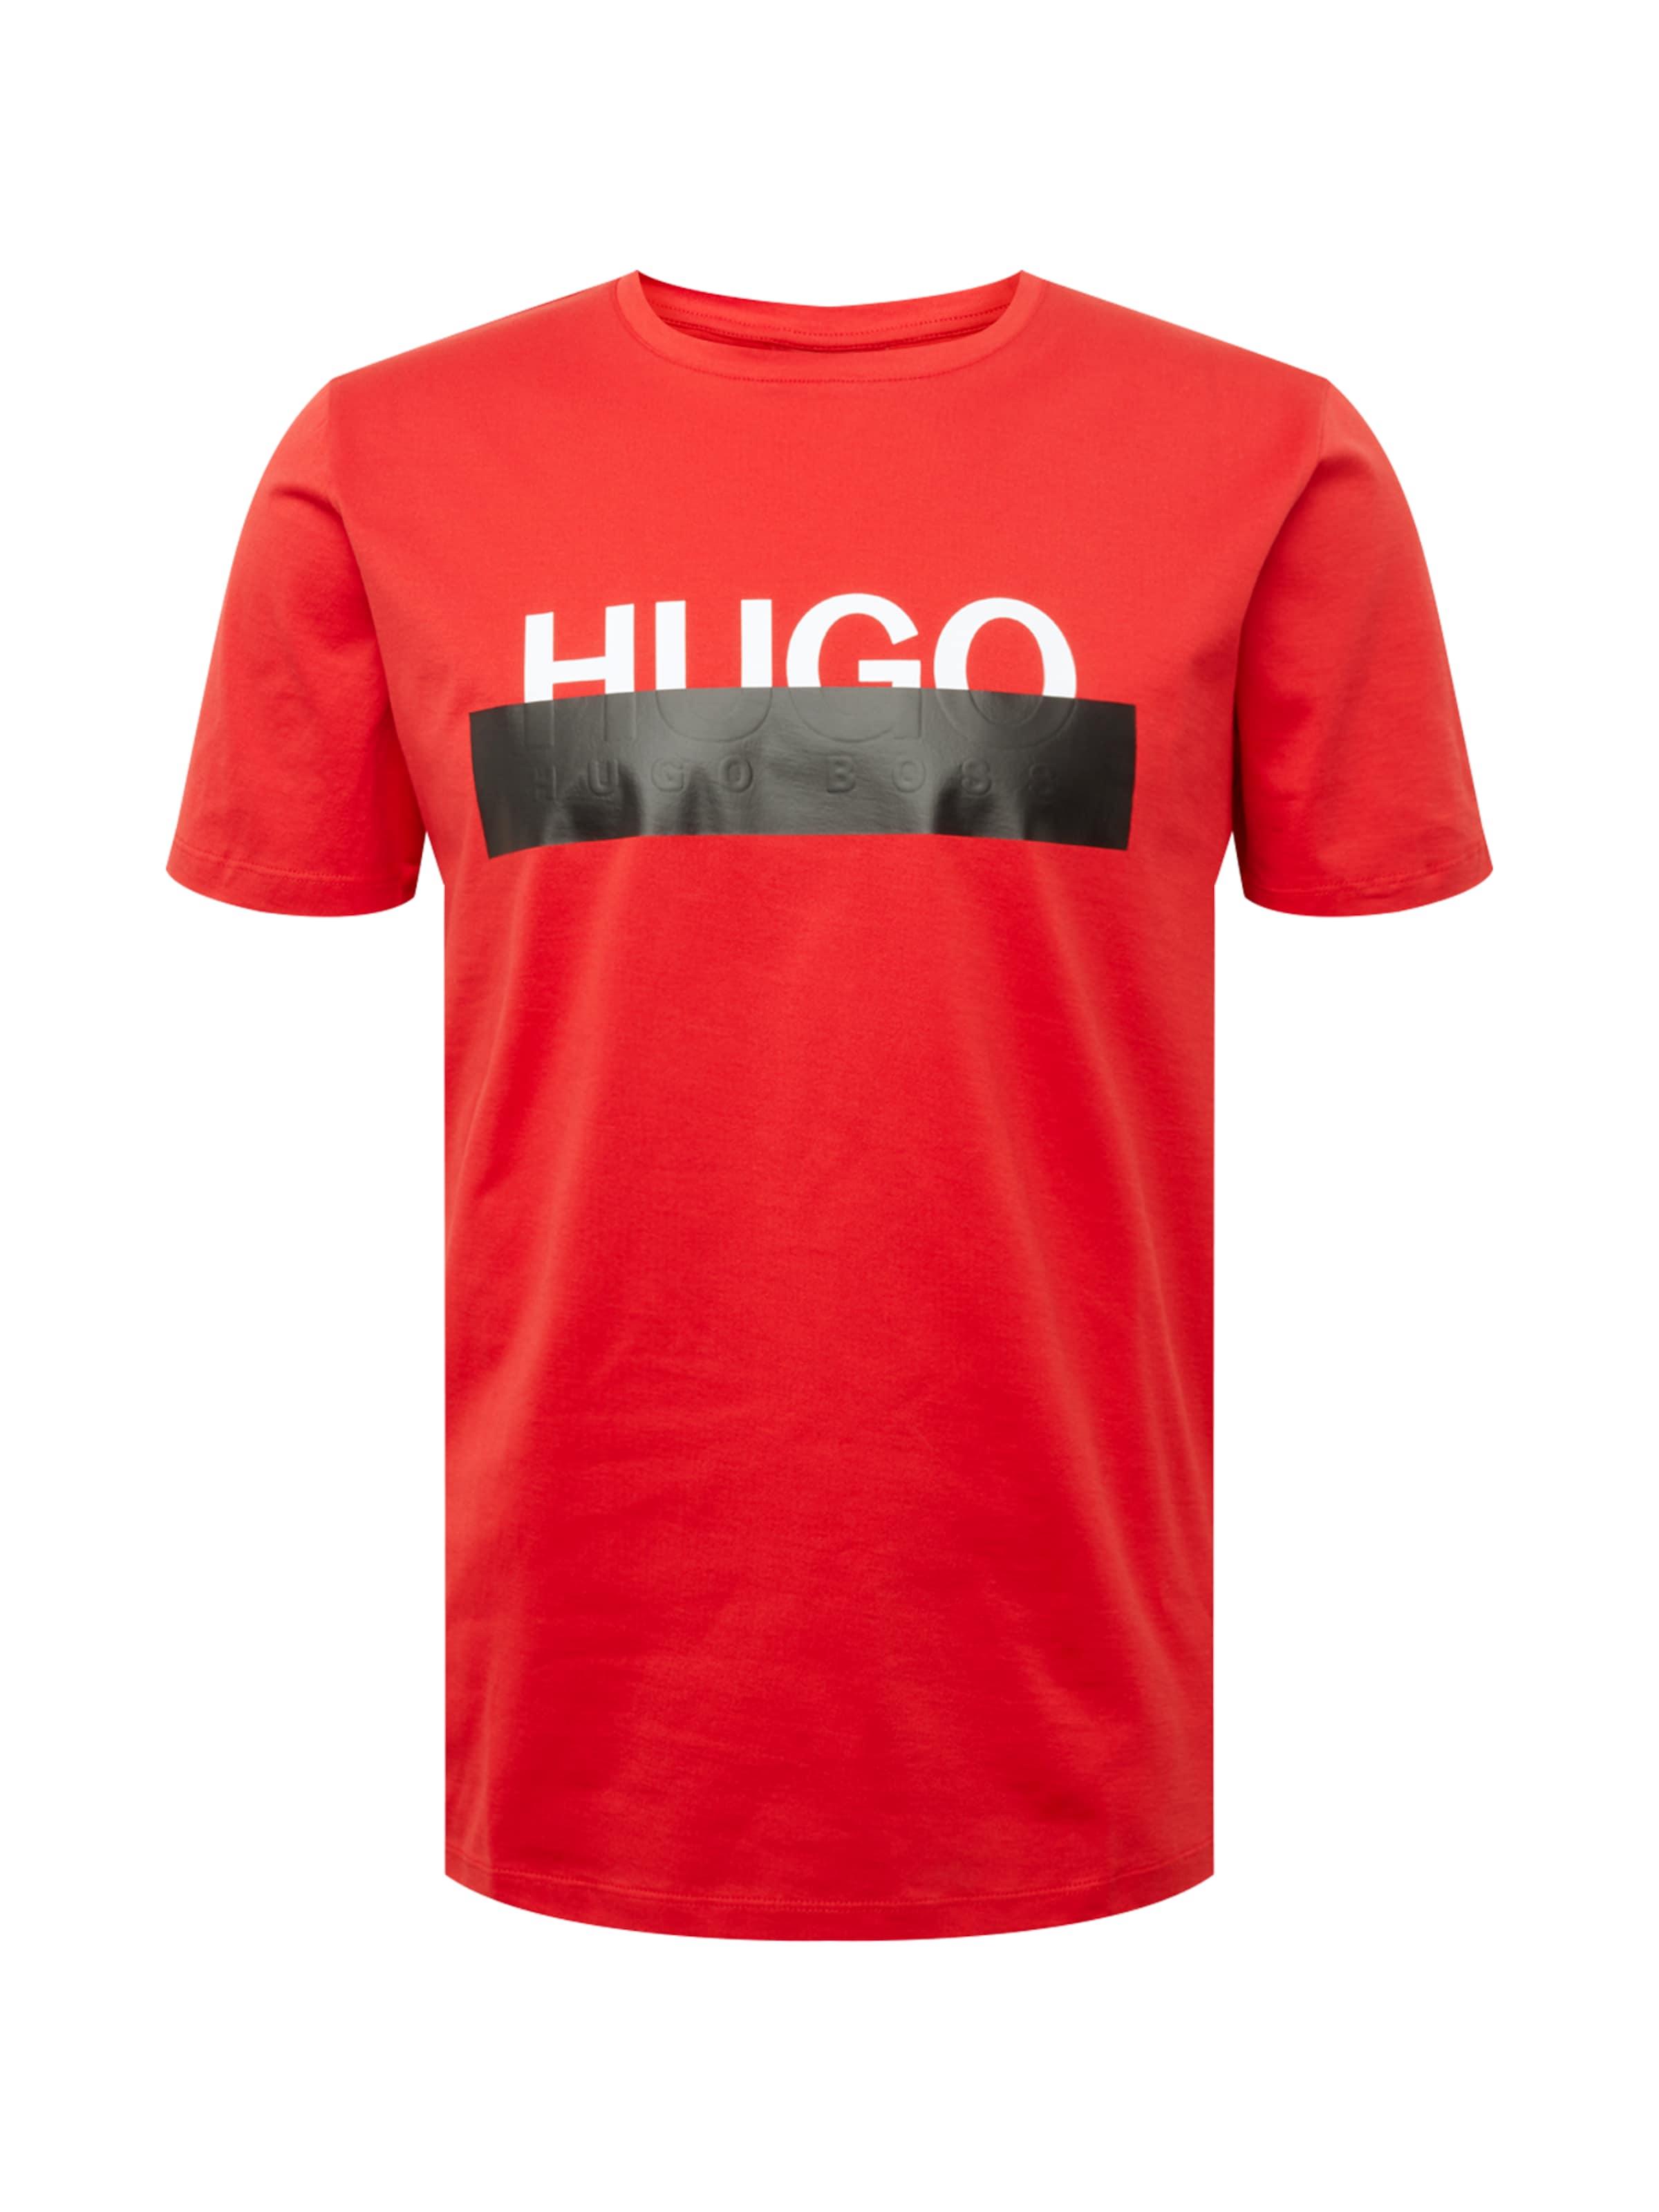 RougeNoir shirt 'dolive' HugoT In Blanc SVpqzUMGLj